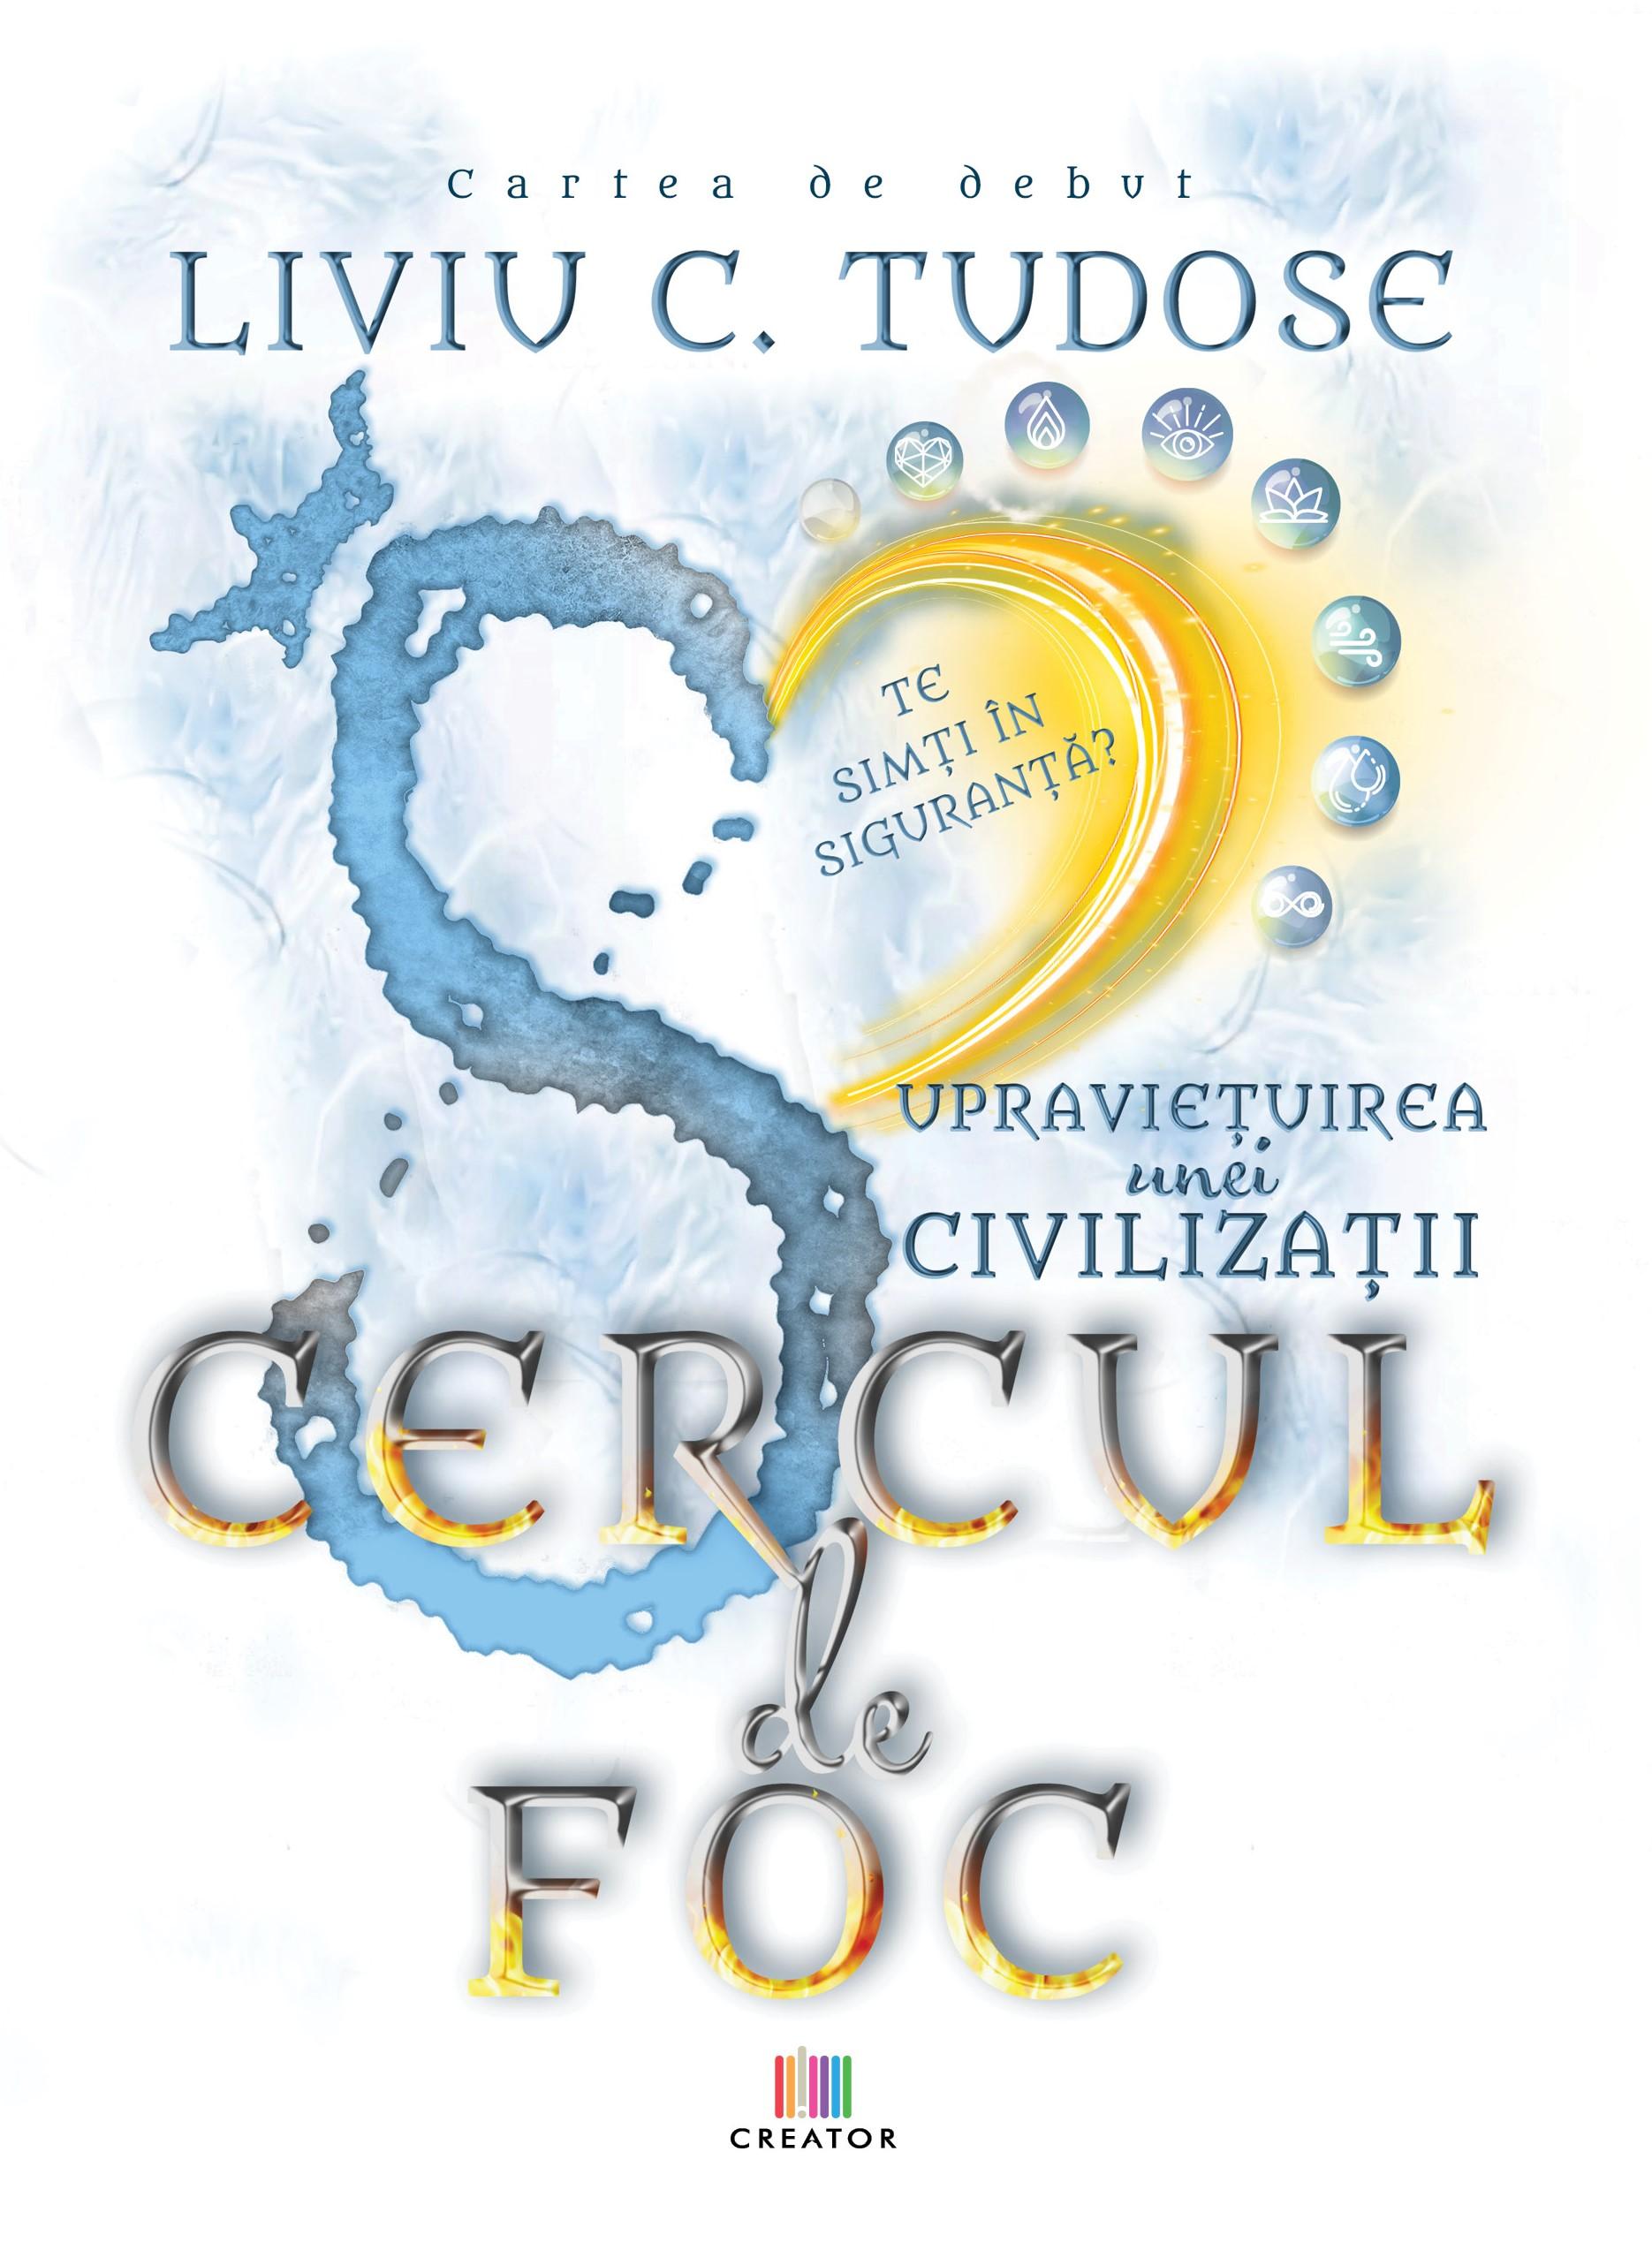 Liviu C Tudose - Supraviețuirea unei civilizații - Cercul de foc - www.liviutudose.ro - Copertă